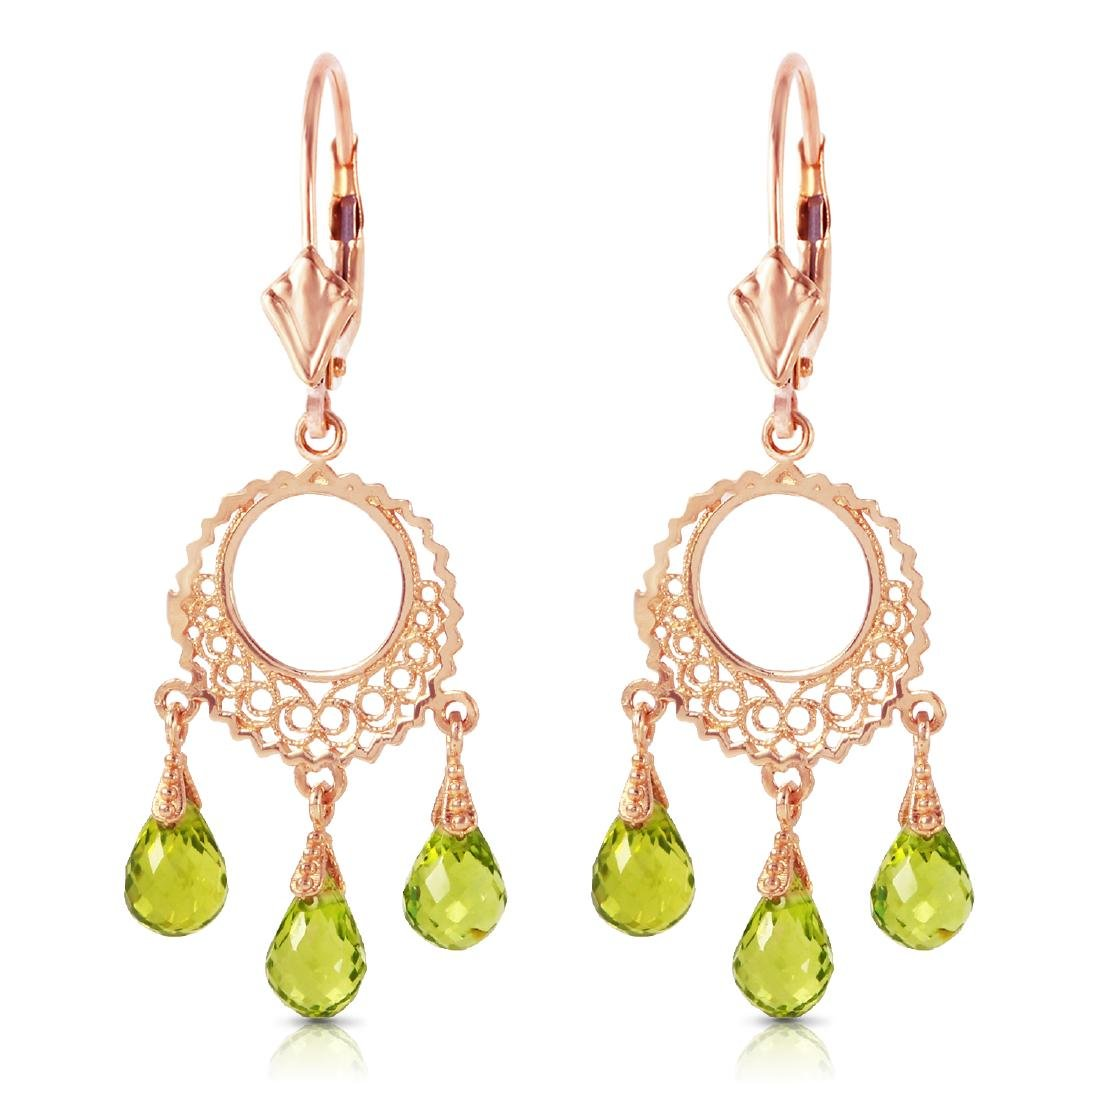 Genuine 3.75 CTW Peridot Earrings Jewelry 14KT Rose